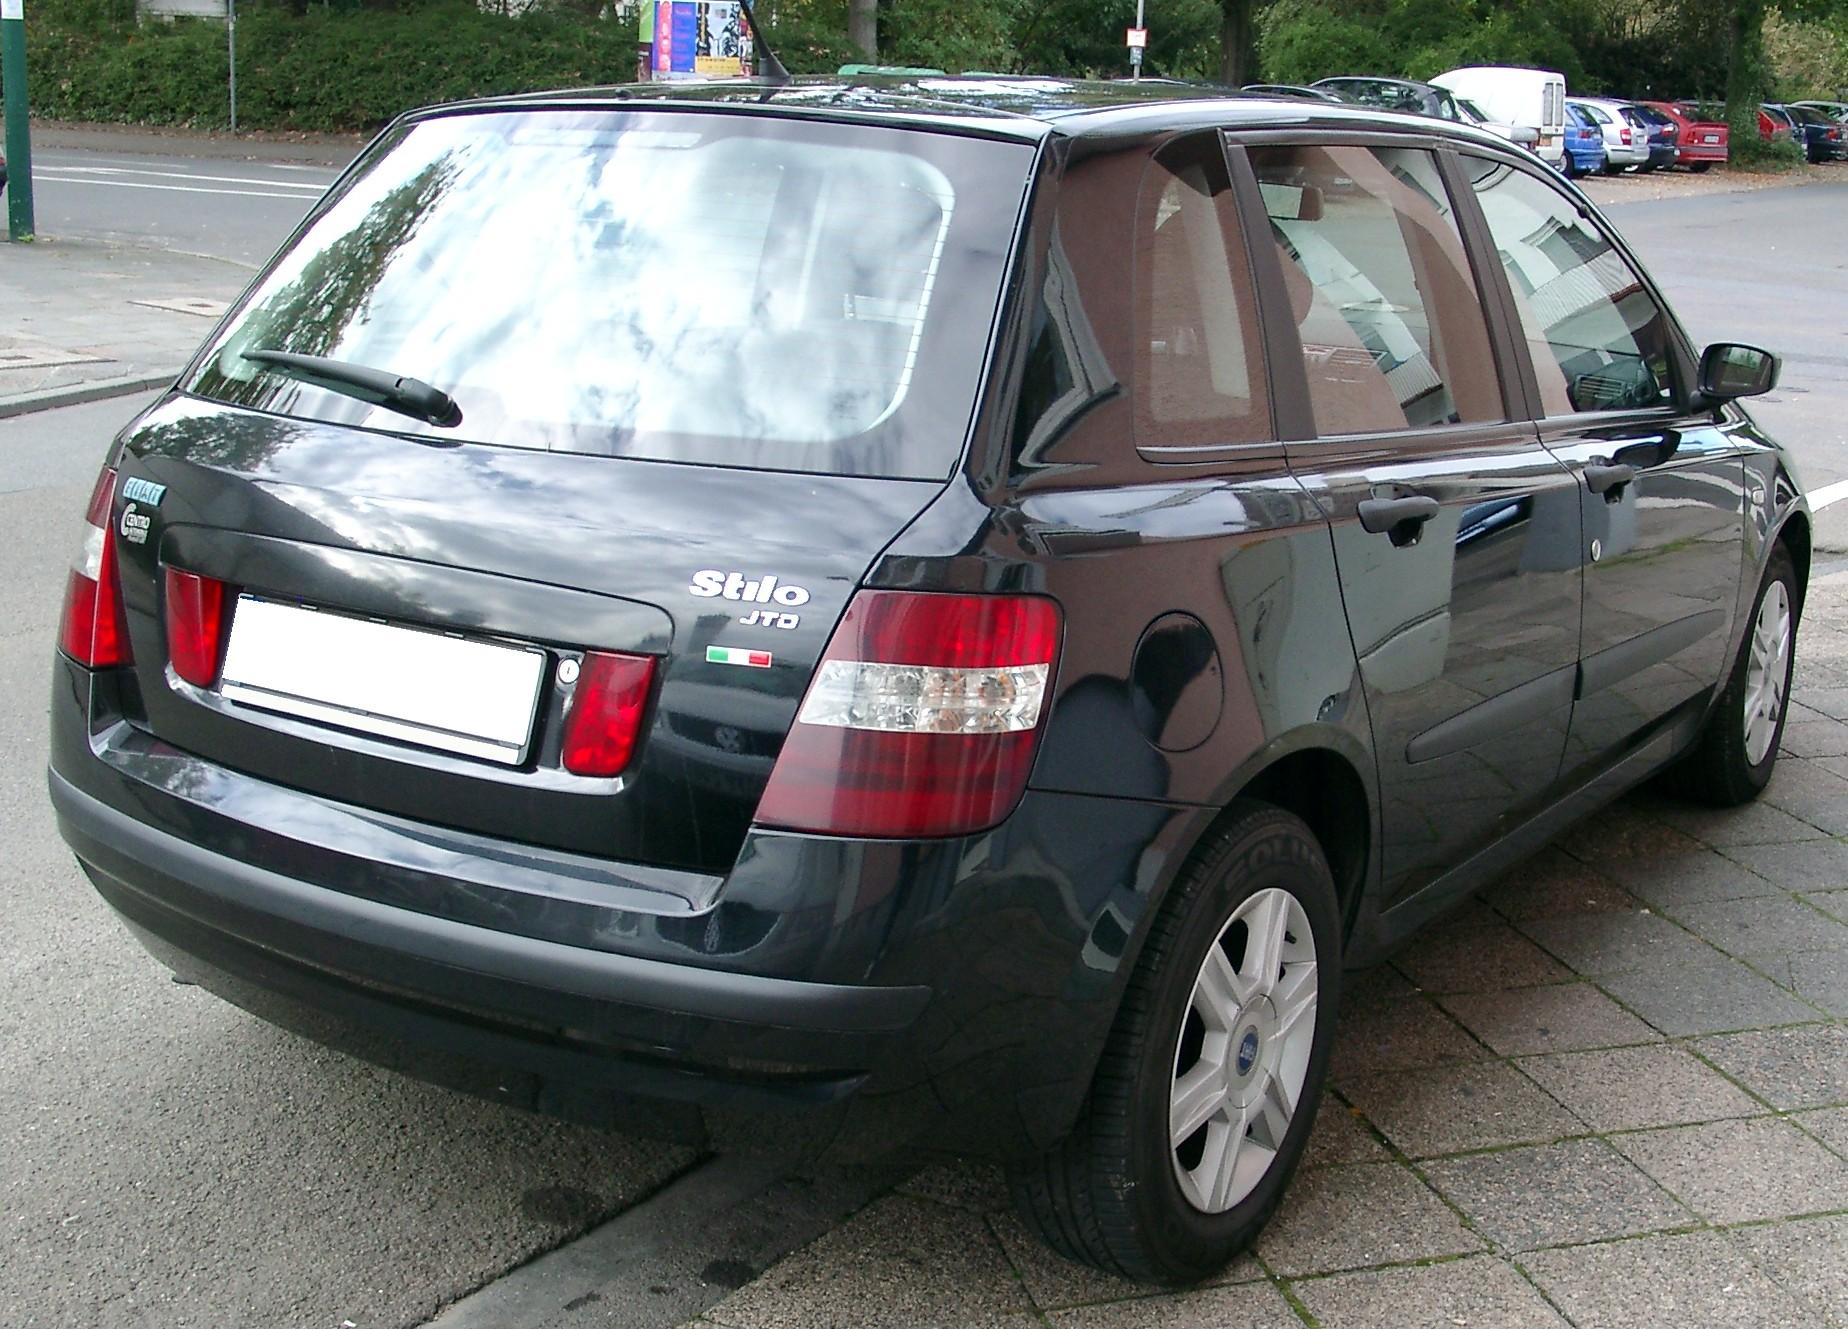 Fiat Stilo rear 20070926